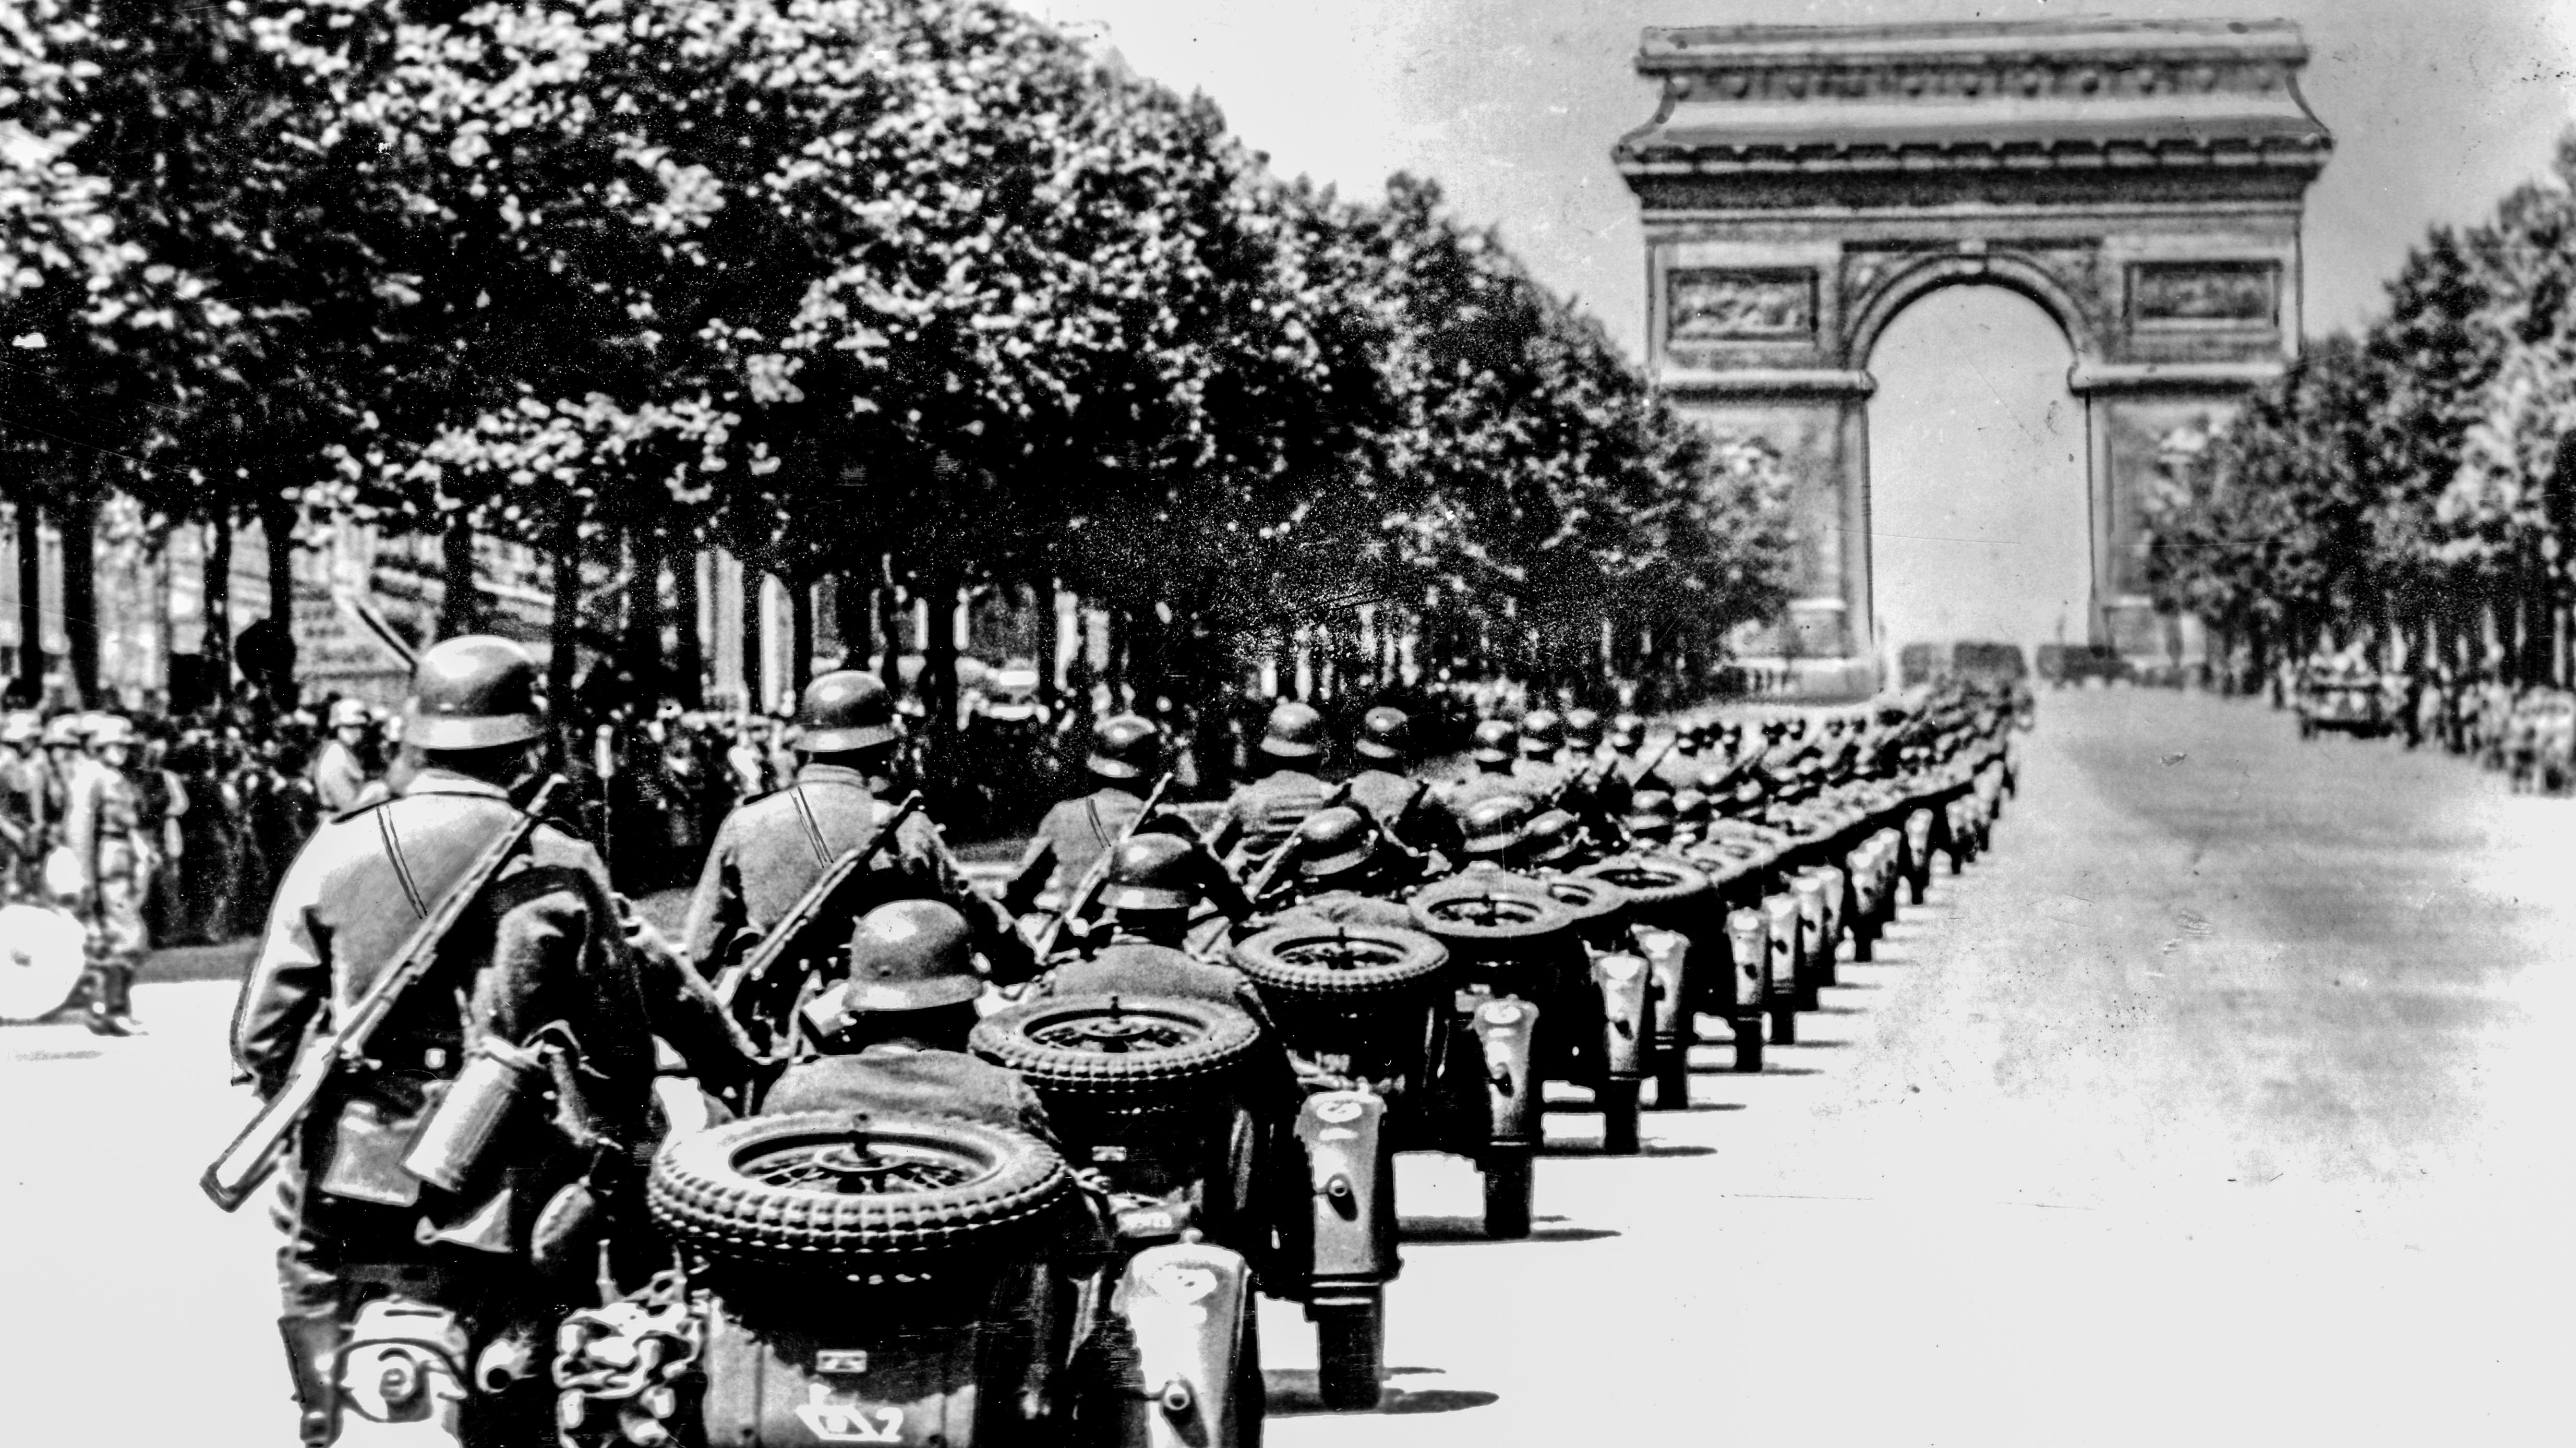 Гитлеровцы победоносно иневстречая никакого сопротивления входят впреданный политиканами Париж. Парад нацистов наЕлисейских полях уТриумфальной Арки, лето 1940года